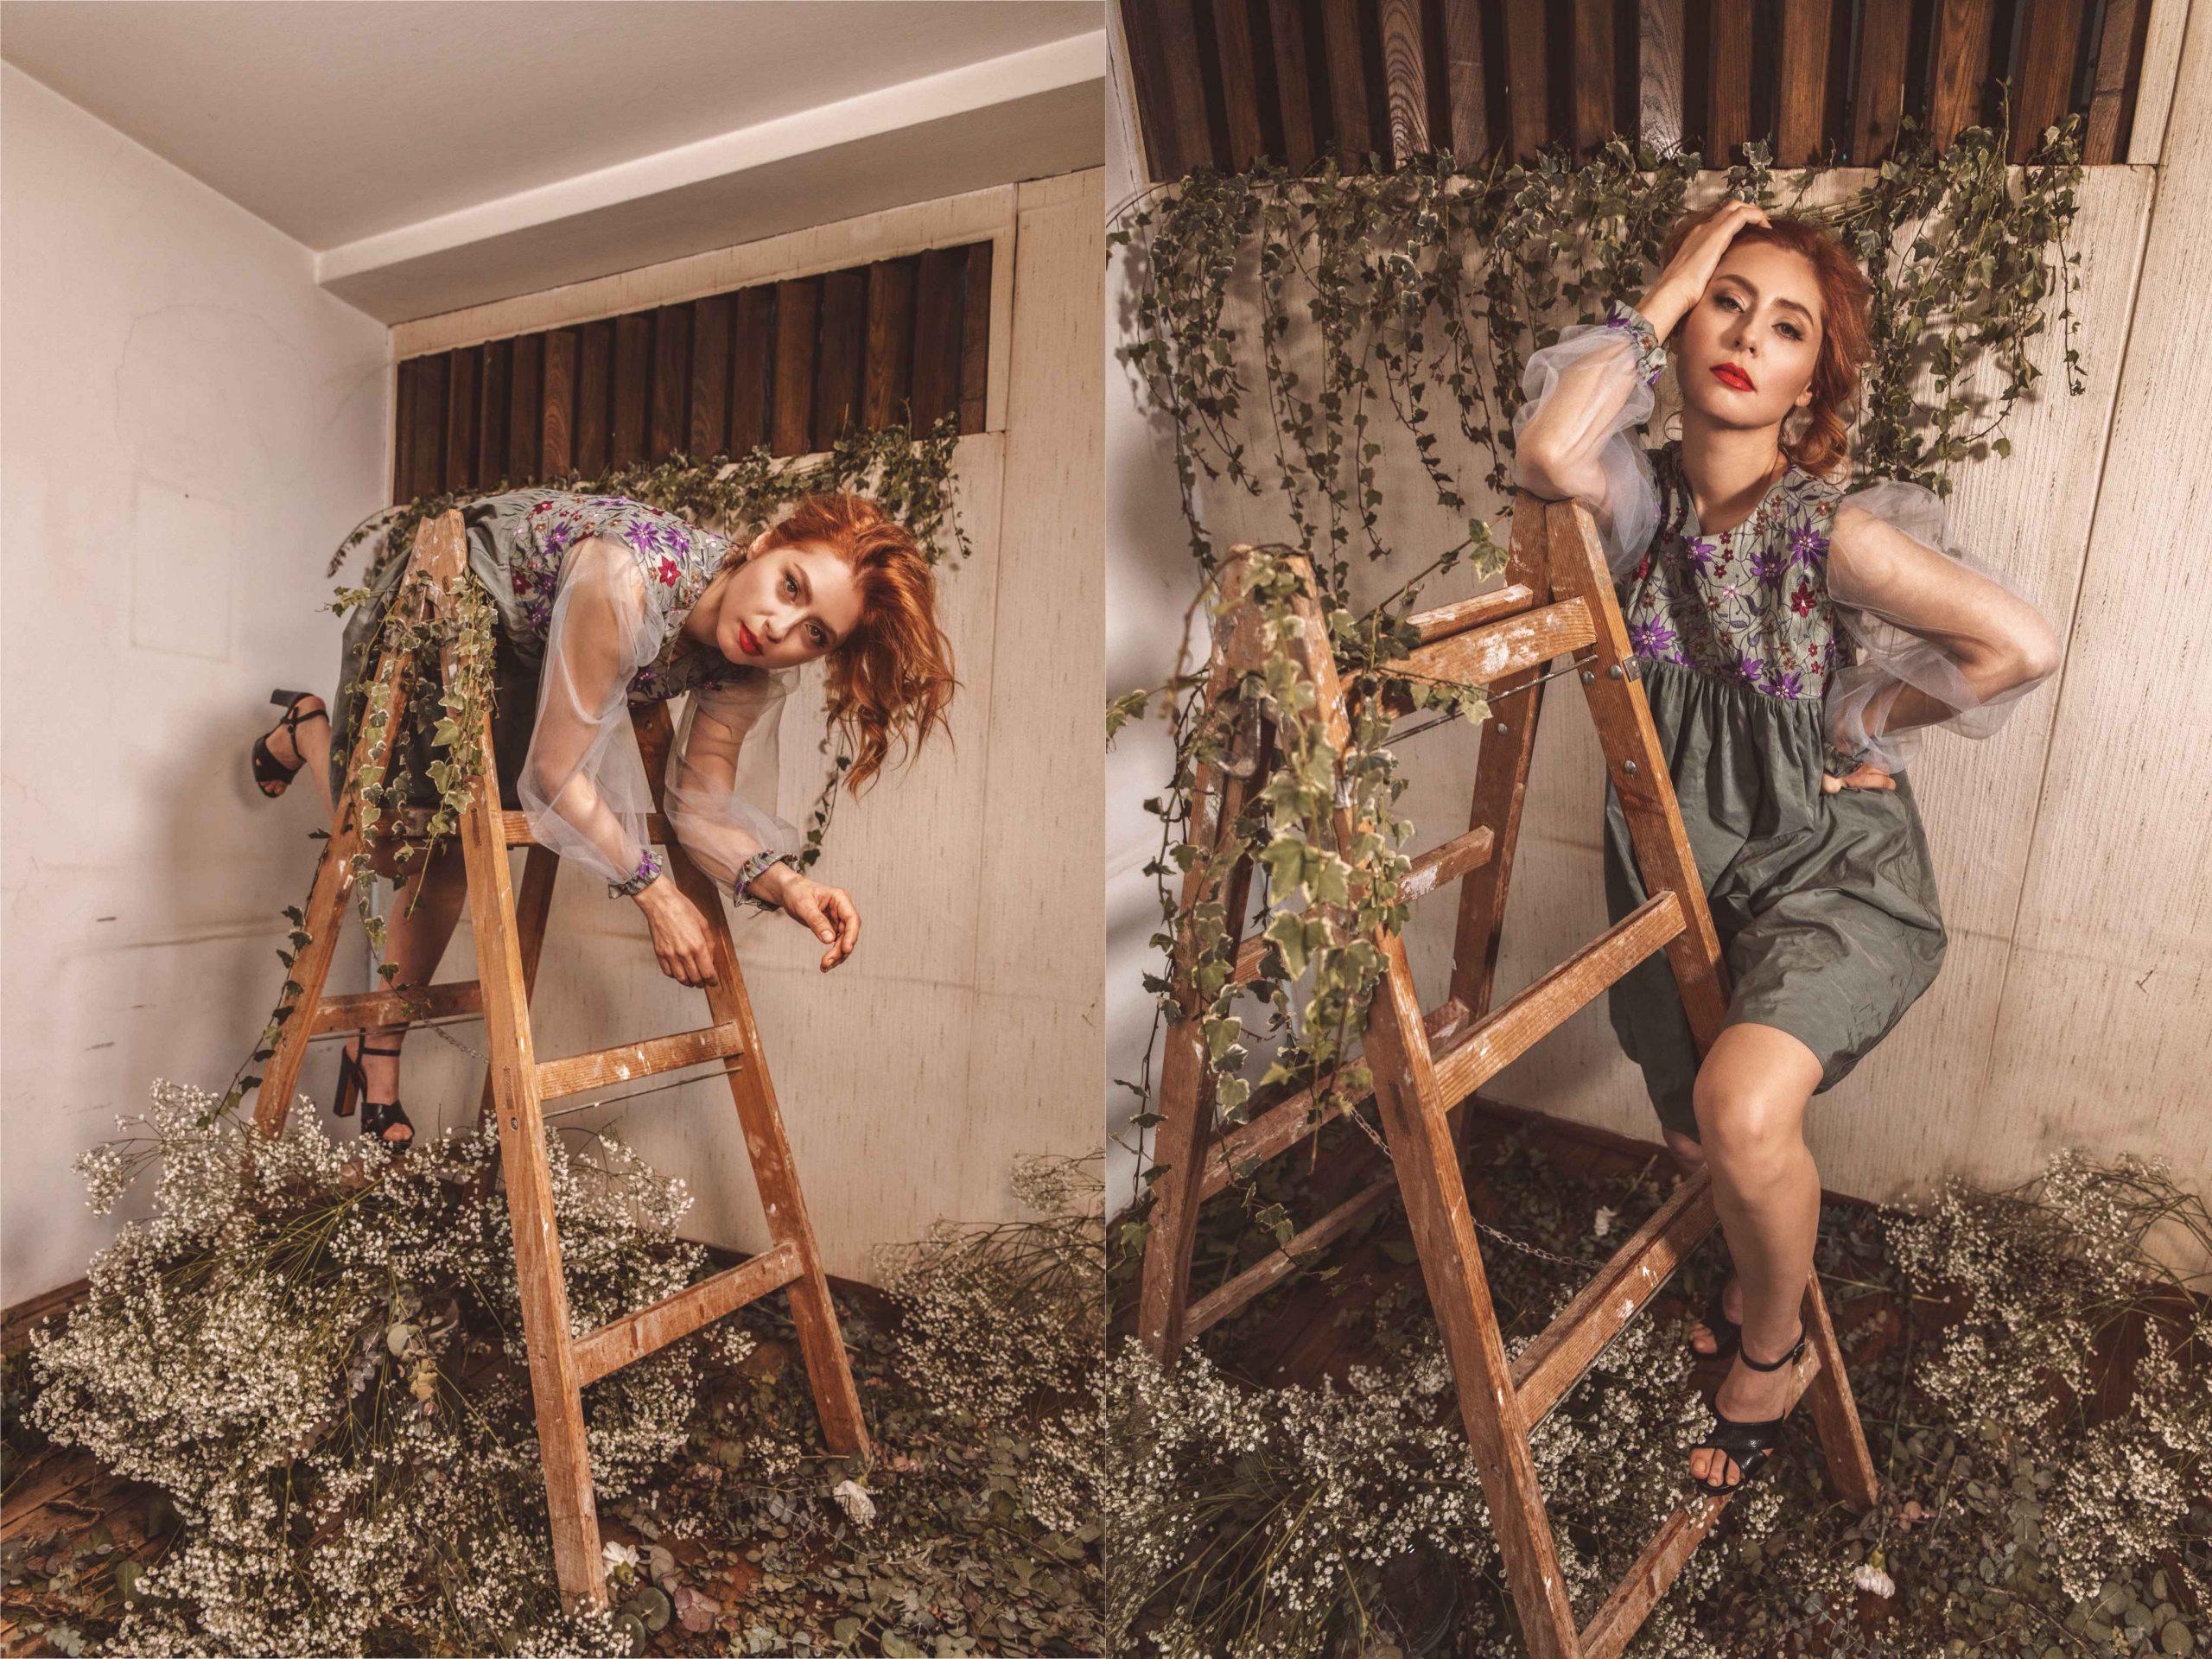 Poznata glumica donosi razigranu proljetnu kolekciju modnog branda Svoya